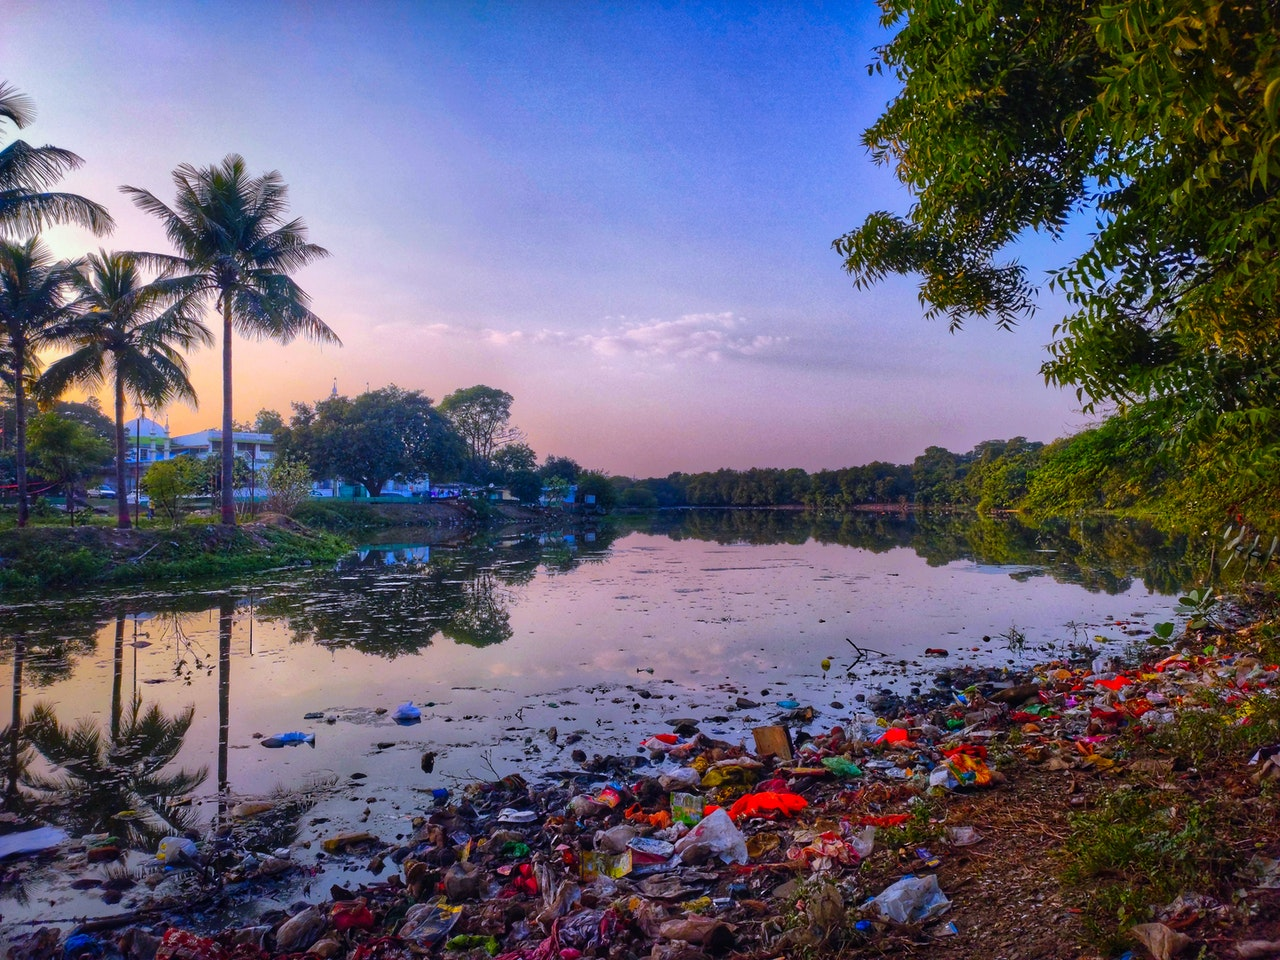 Abenddämmerung an einem Gewässer mit Palme und viel Plastikmüll am Ufer.